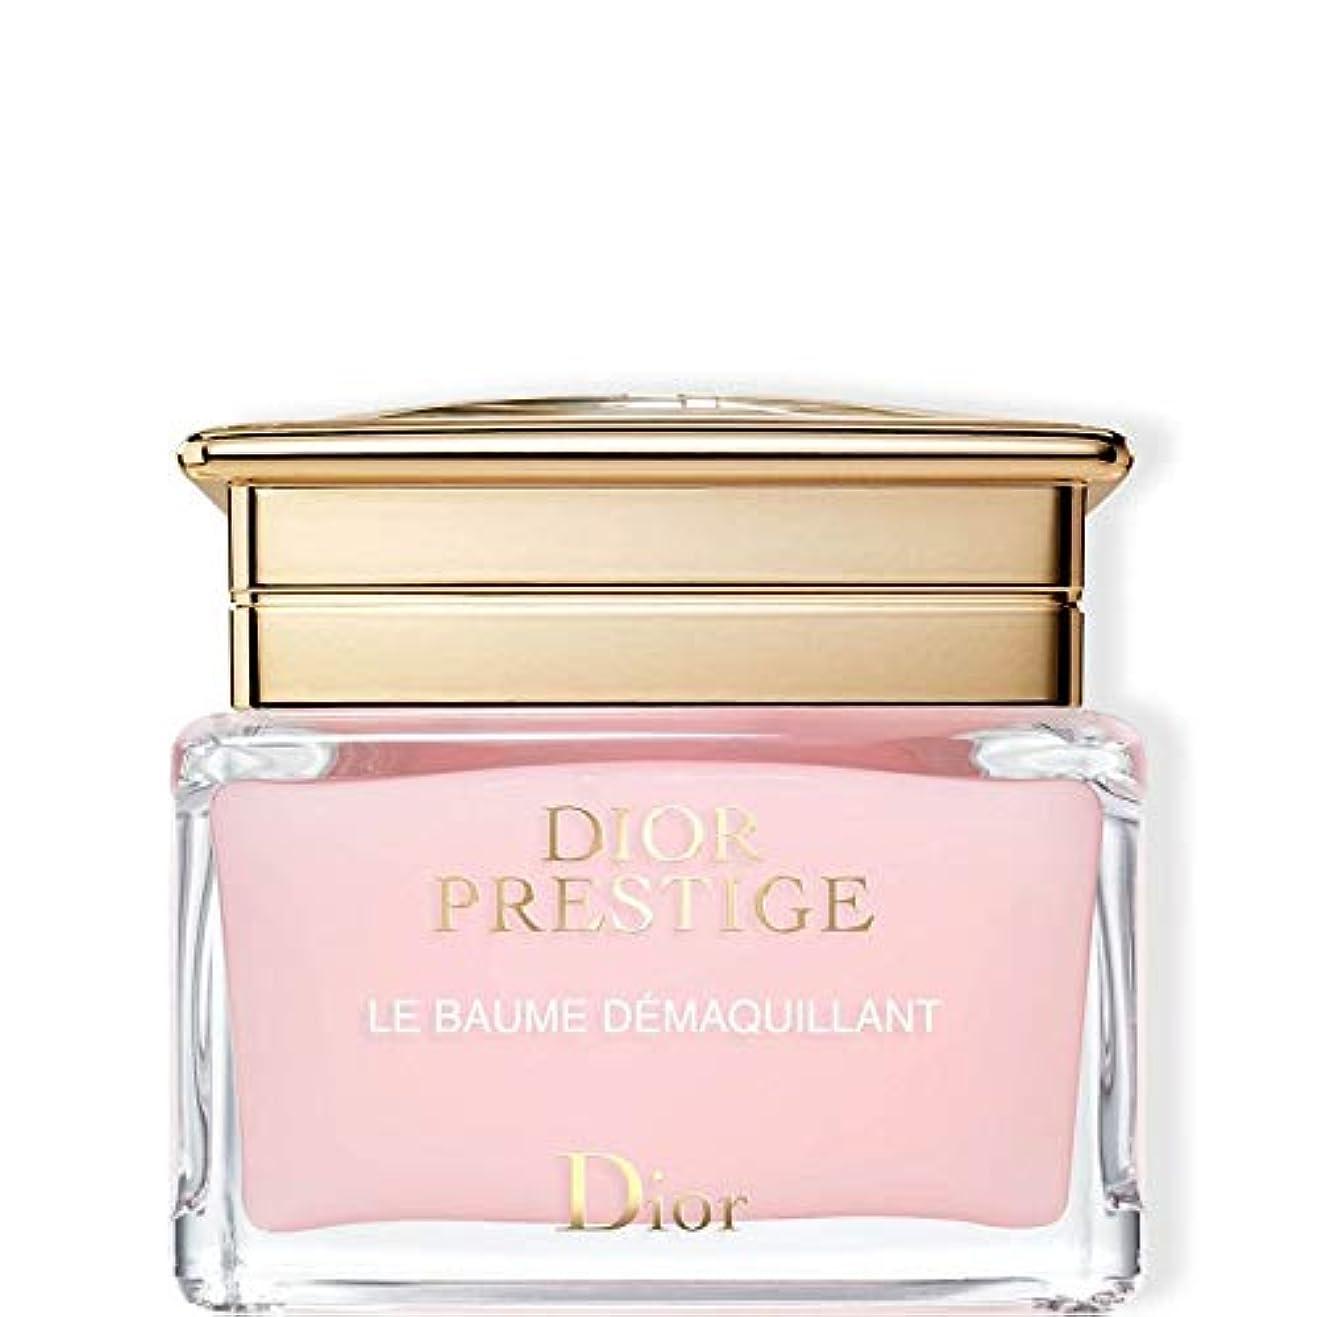 寝具ウサギ広告Dior(ディオール) プレステージ ル バーム デマキャント 150mL